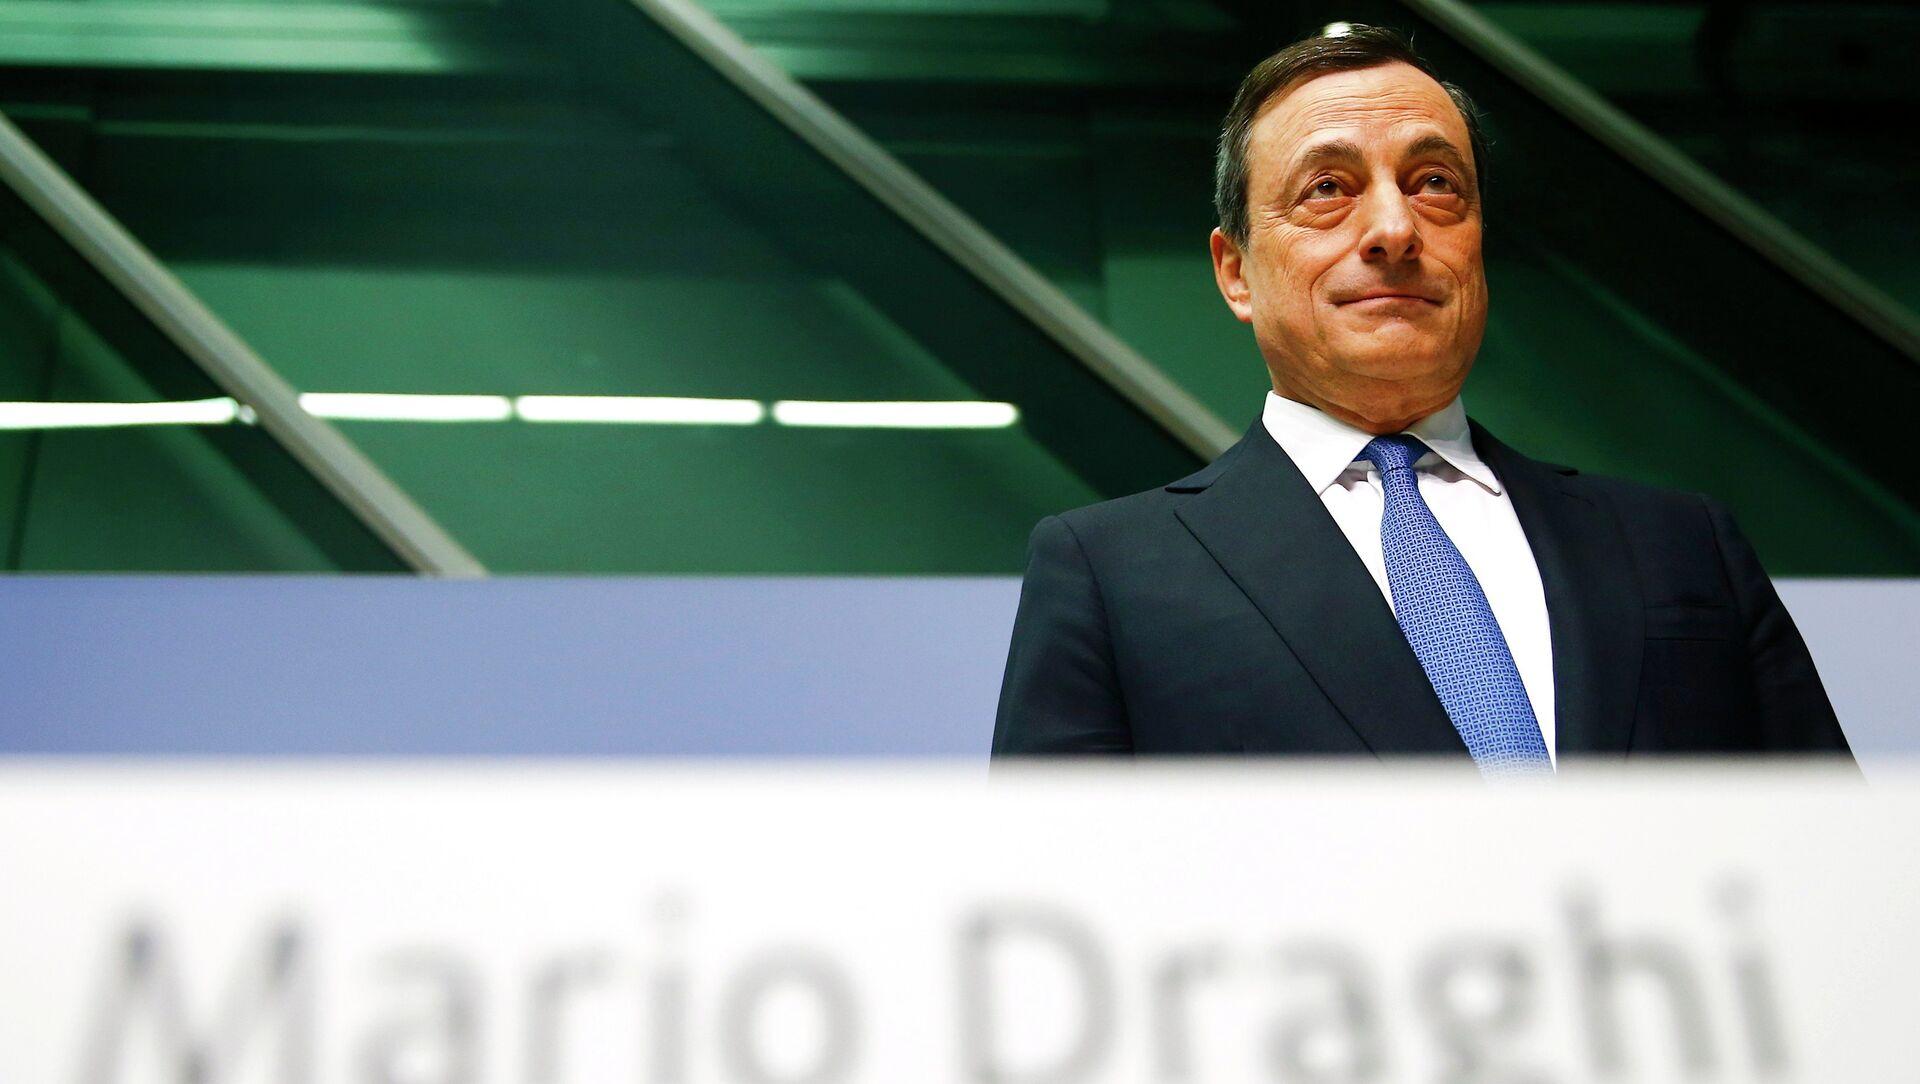 Presidente Mario Draghi alla conferenza di ECB a Francoforte. Il 22 gennaio 2015 - Sputnik Italia, 1920, 03.02.2021